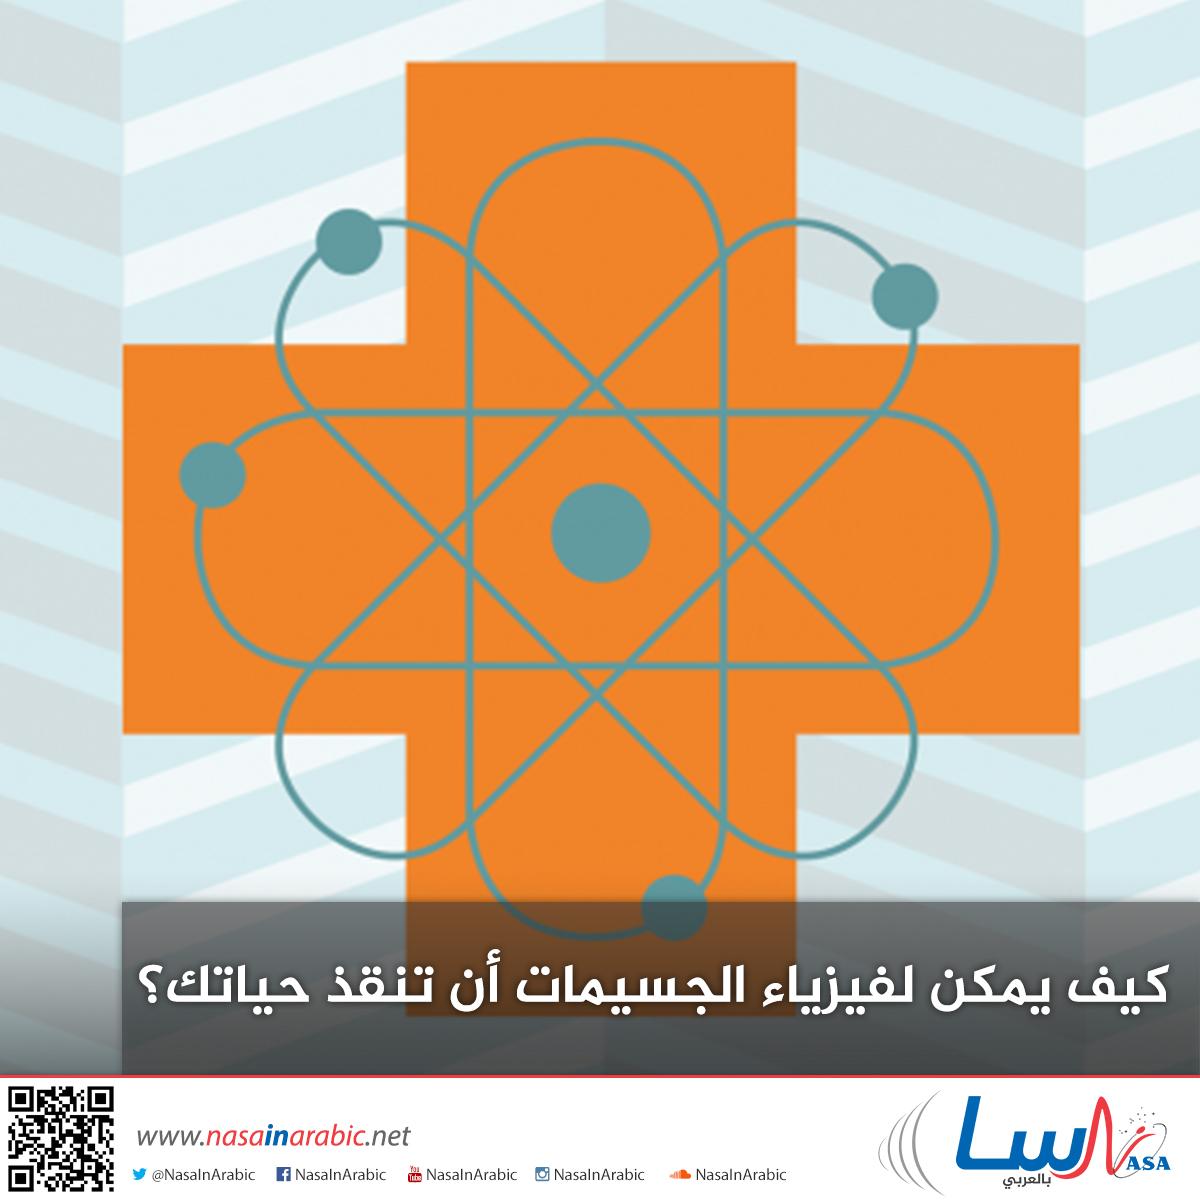 كيف يمكن لفيزياء الجسيمات أن تنقذ حياتك؟